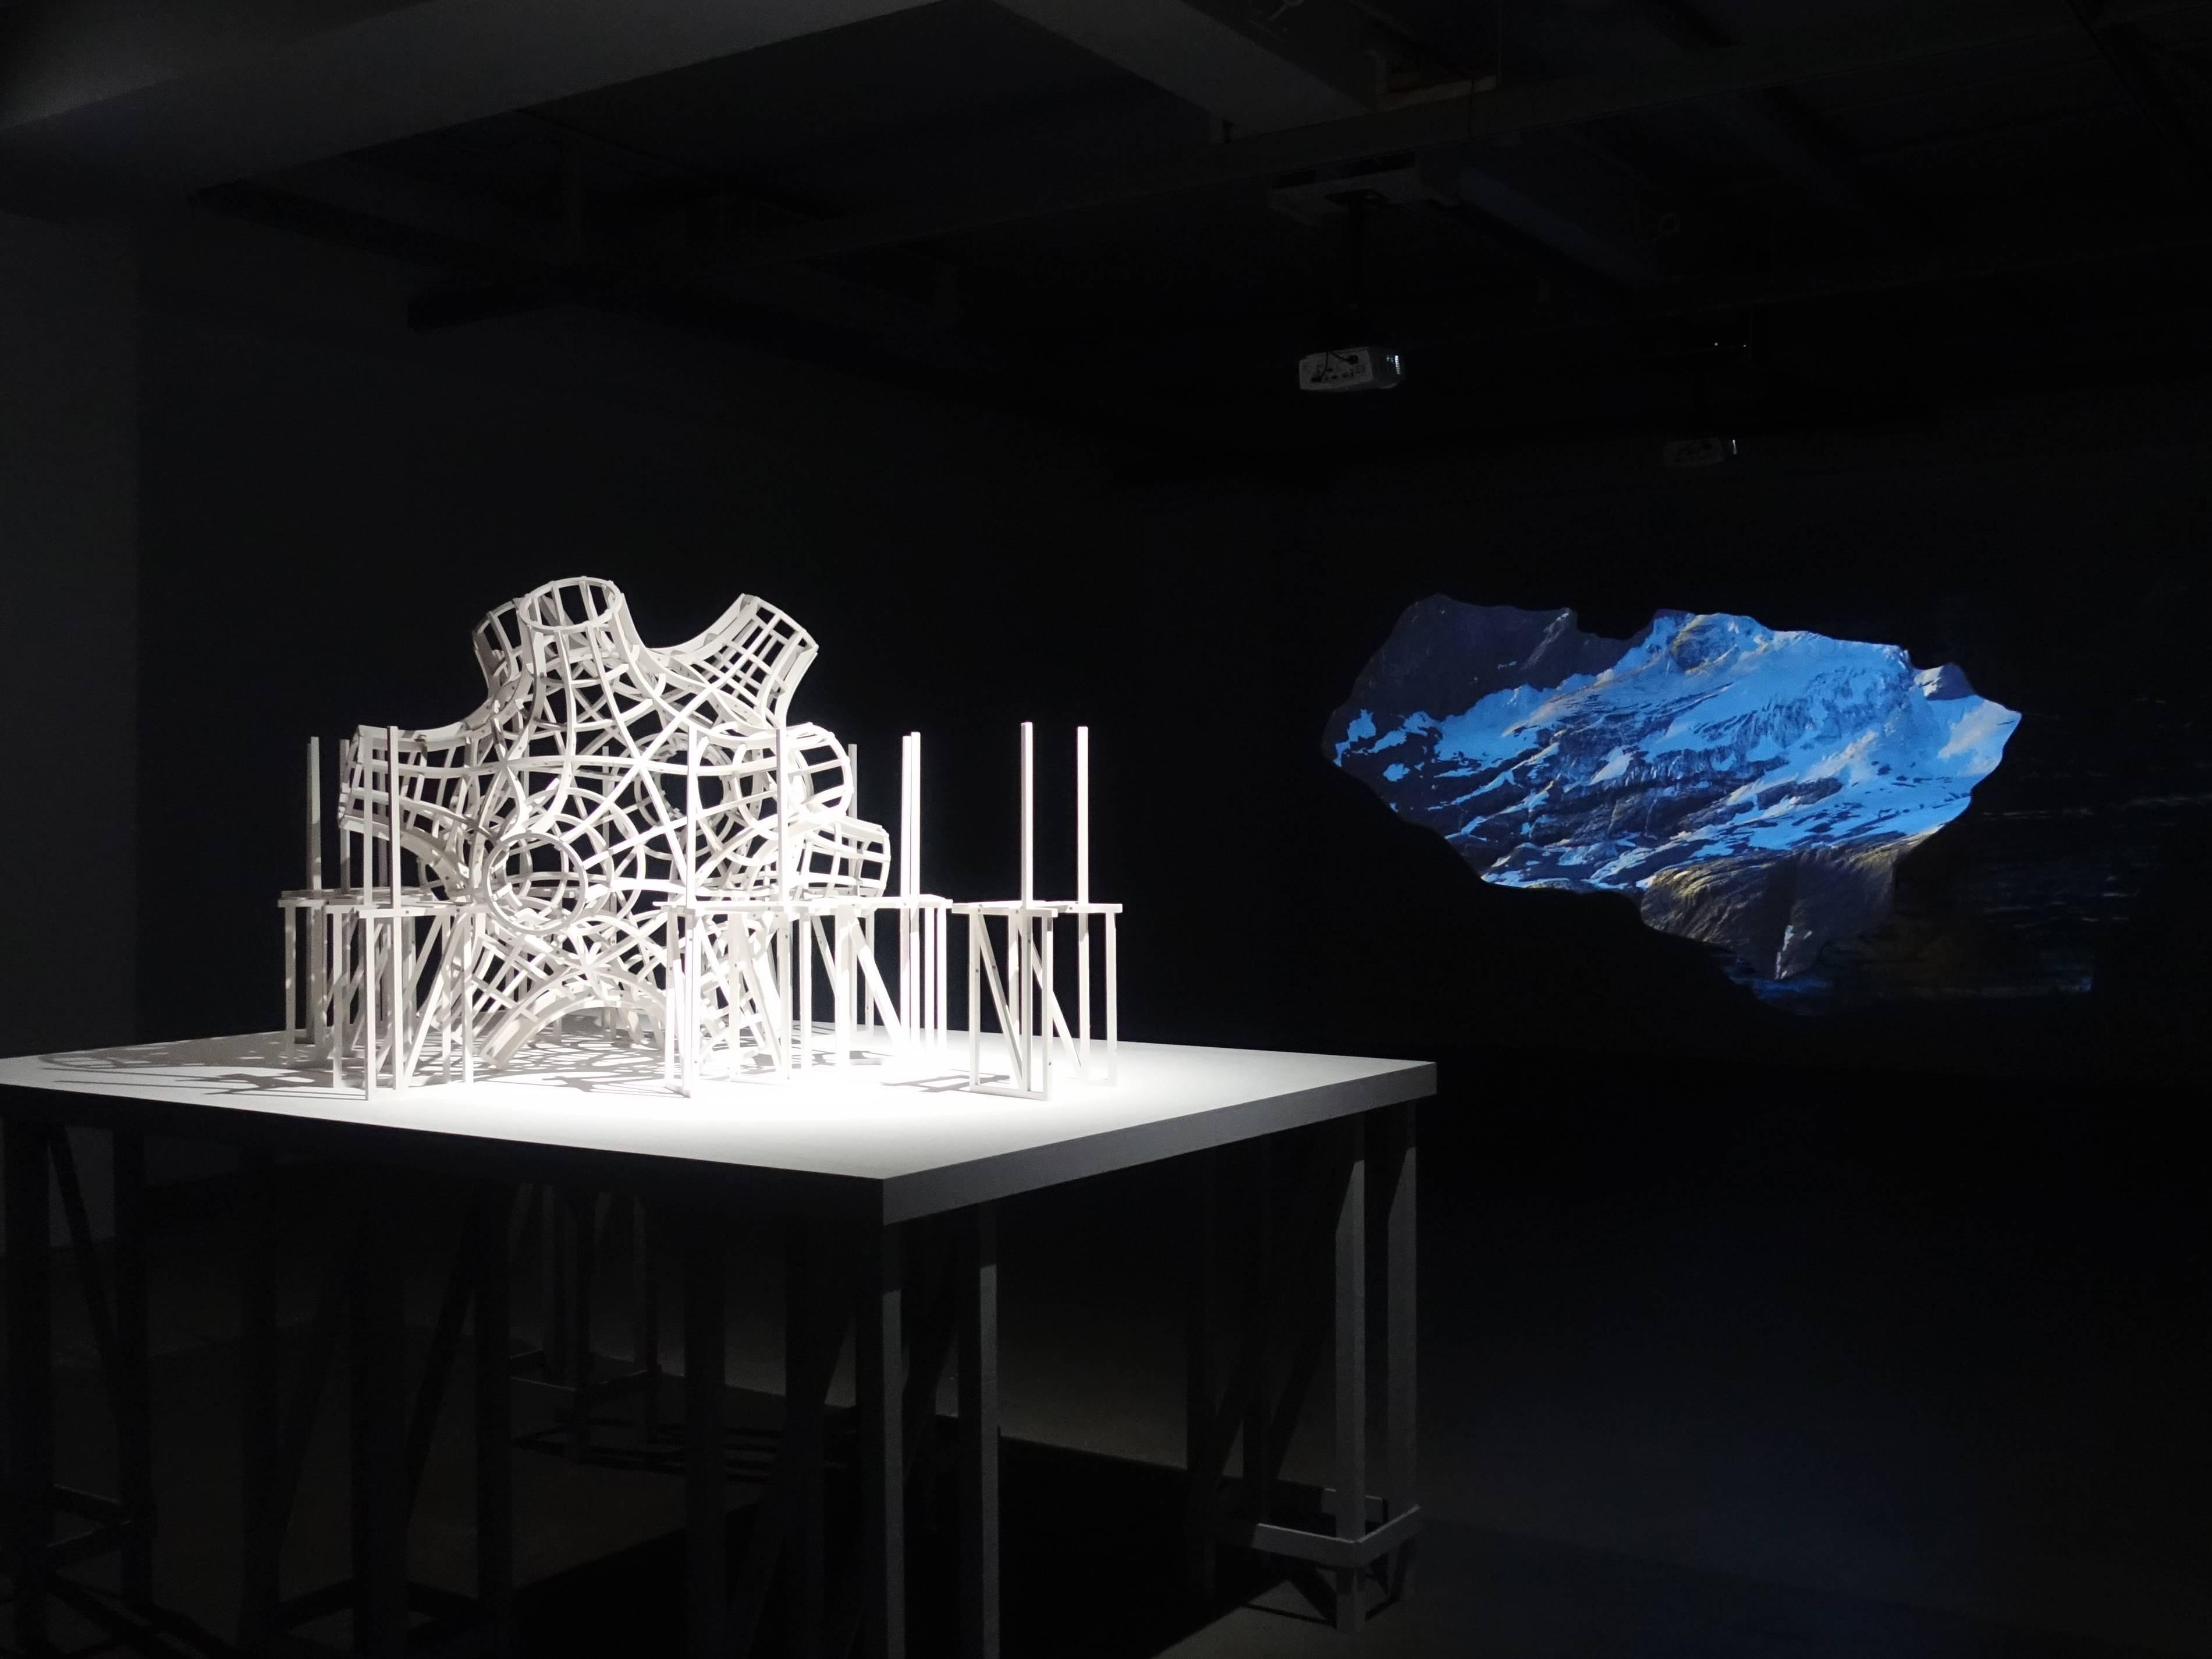 双方藝廊展出德國藝術家佛羅里安.克拉爾錄像裝置作品。